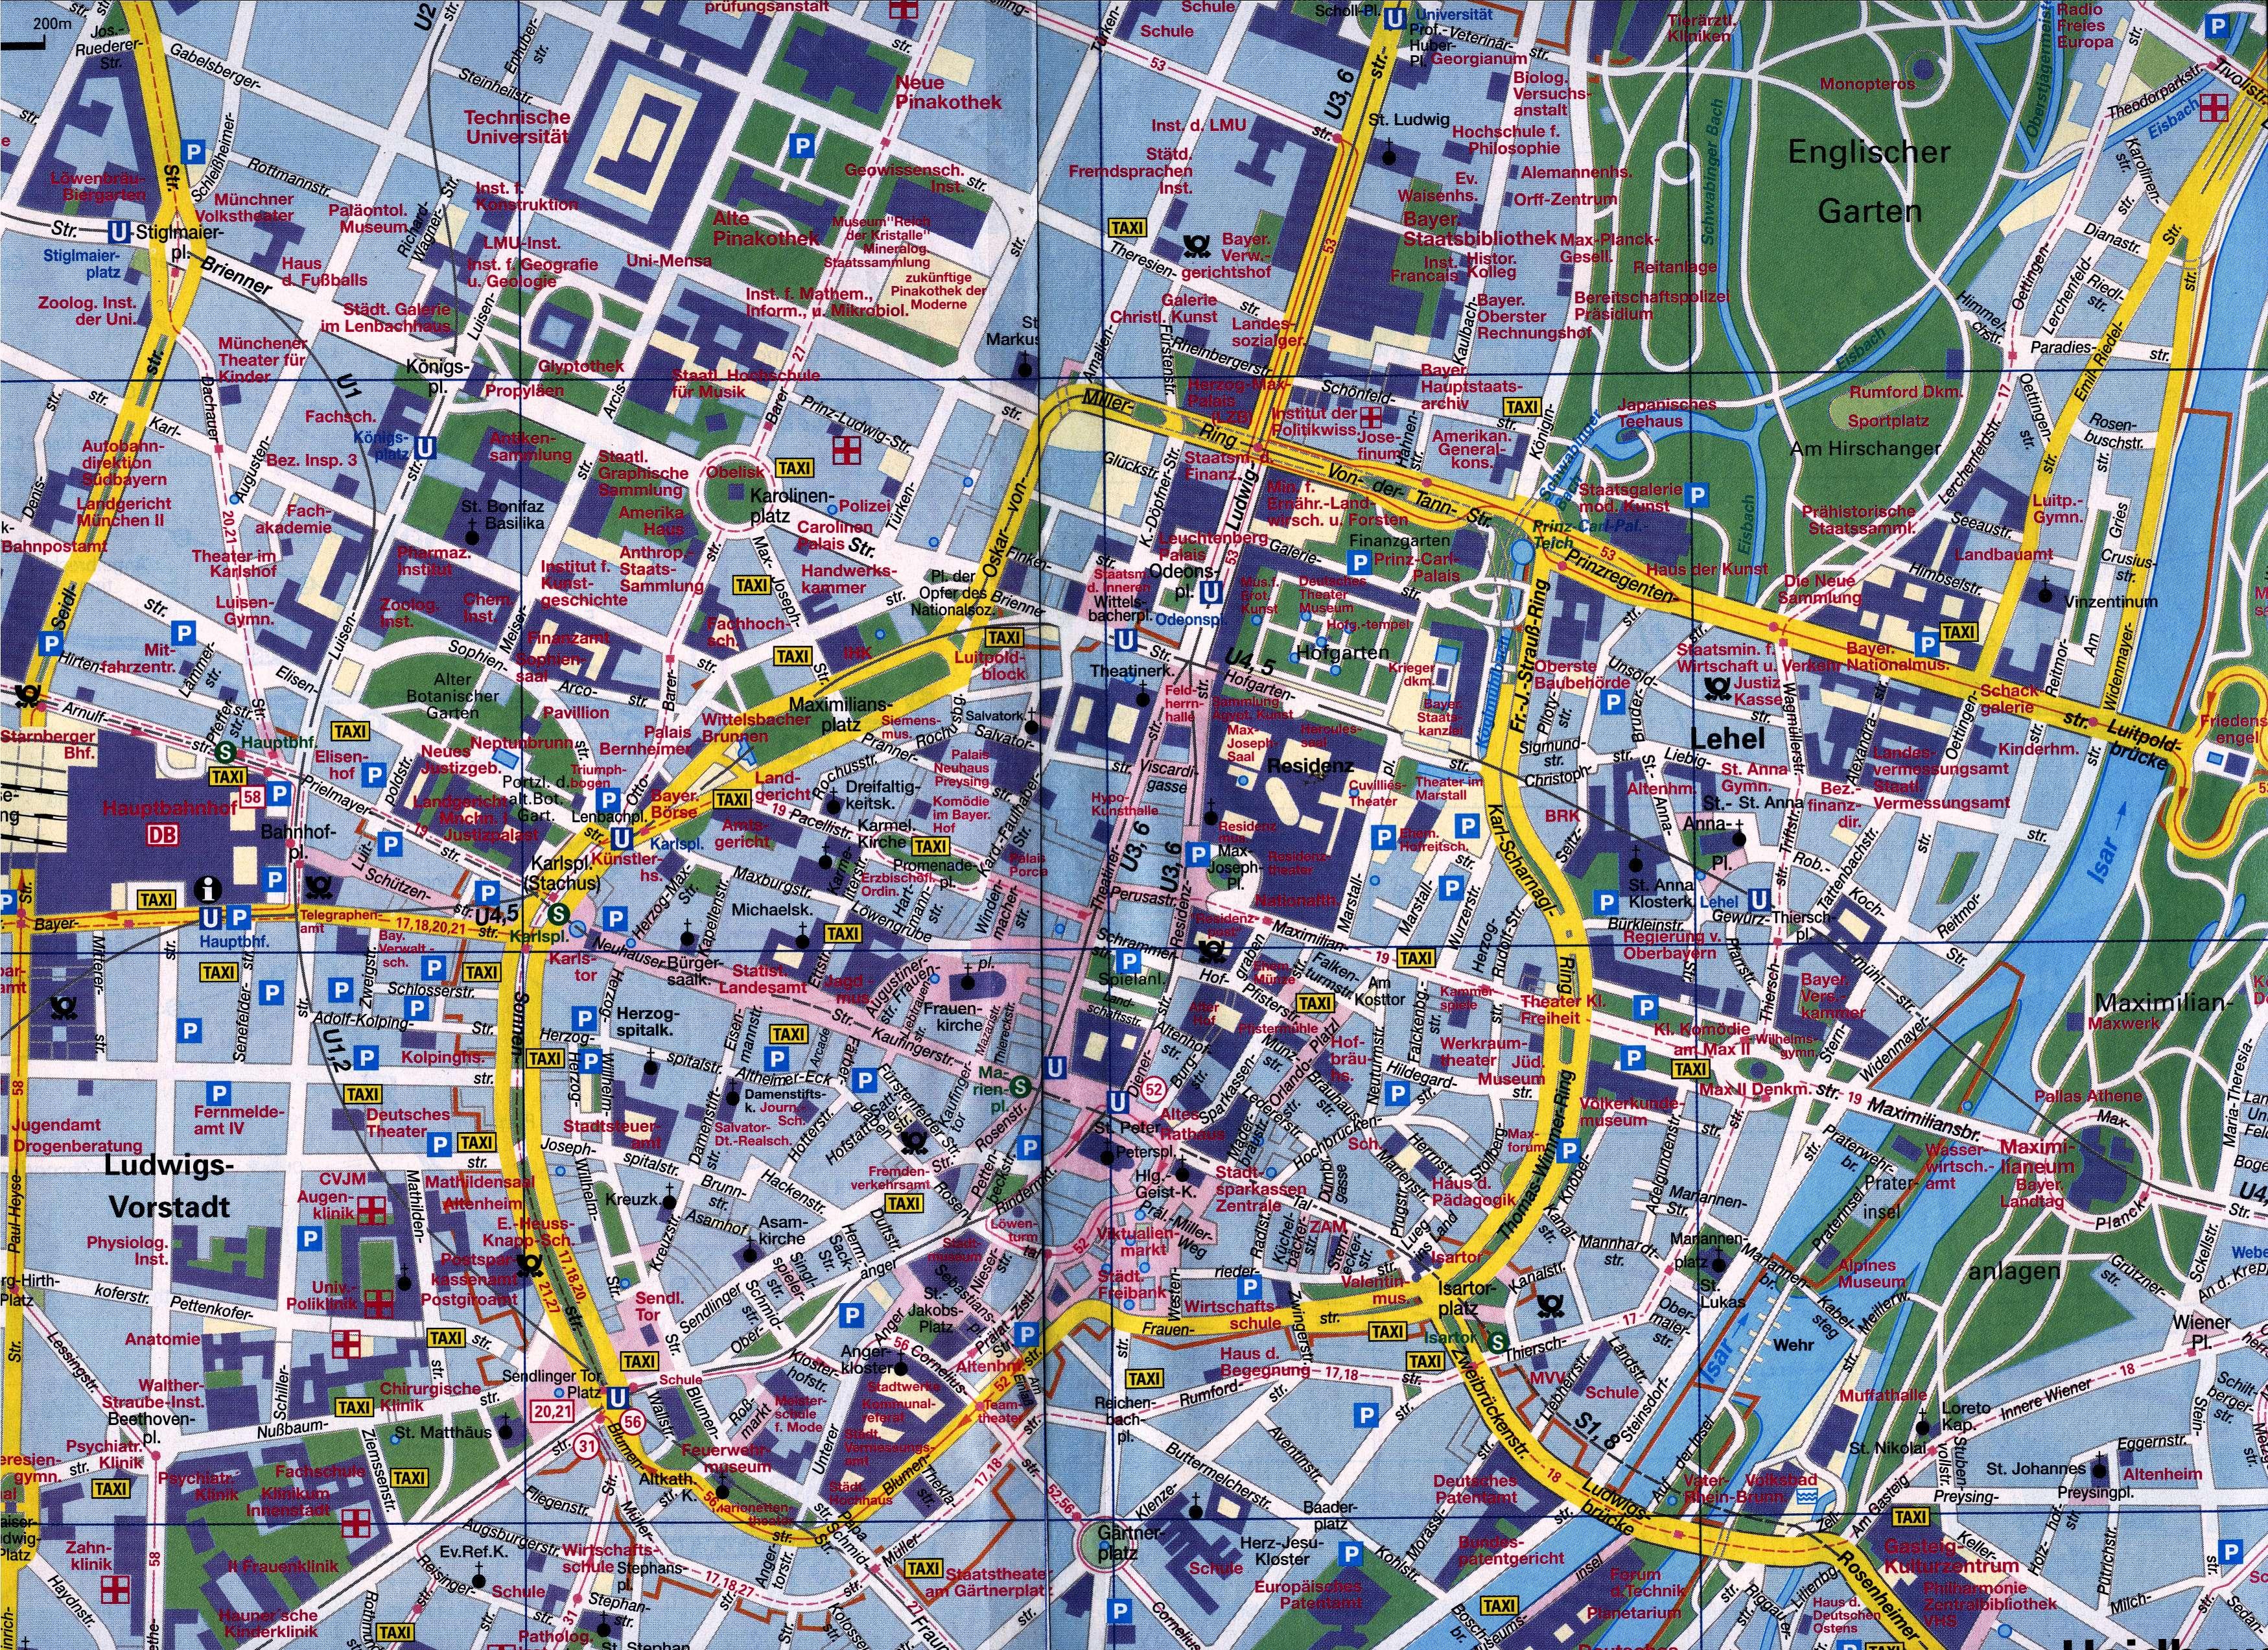 Map of Munich - Full size